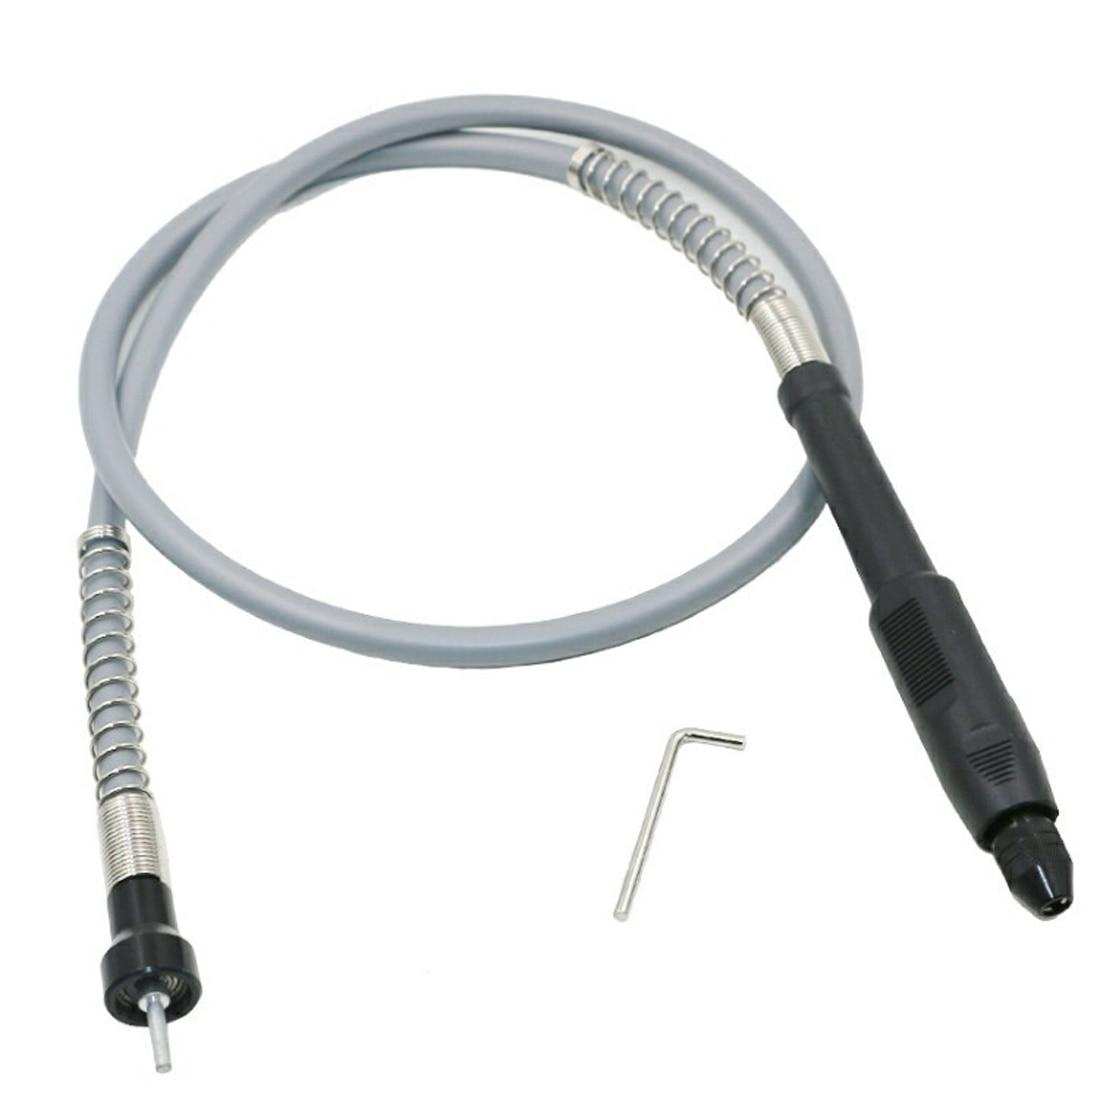 Universal 895-910mm Aluminum Flexible Flex Shaft with Keyless Chuck